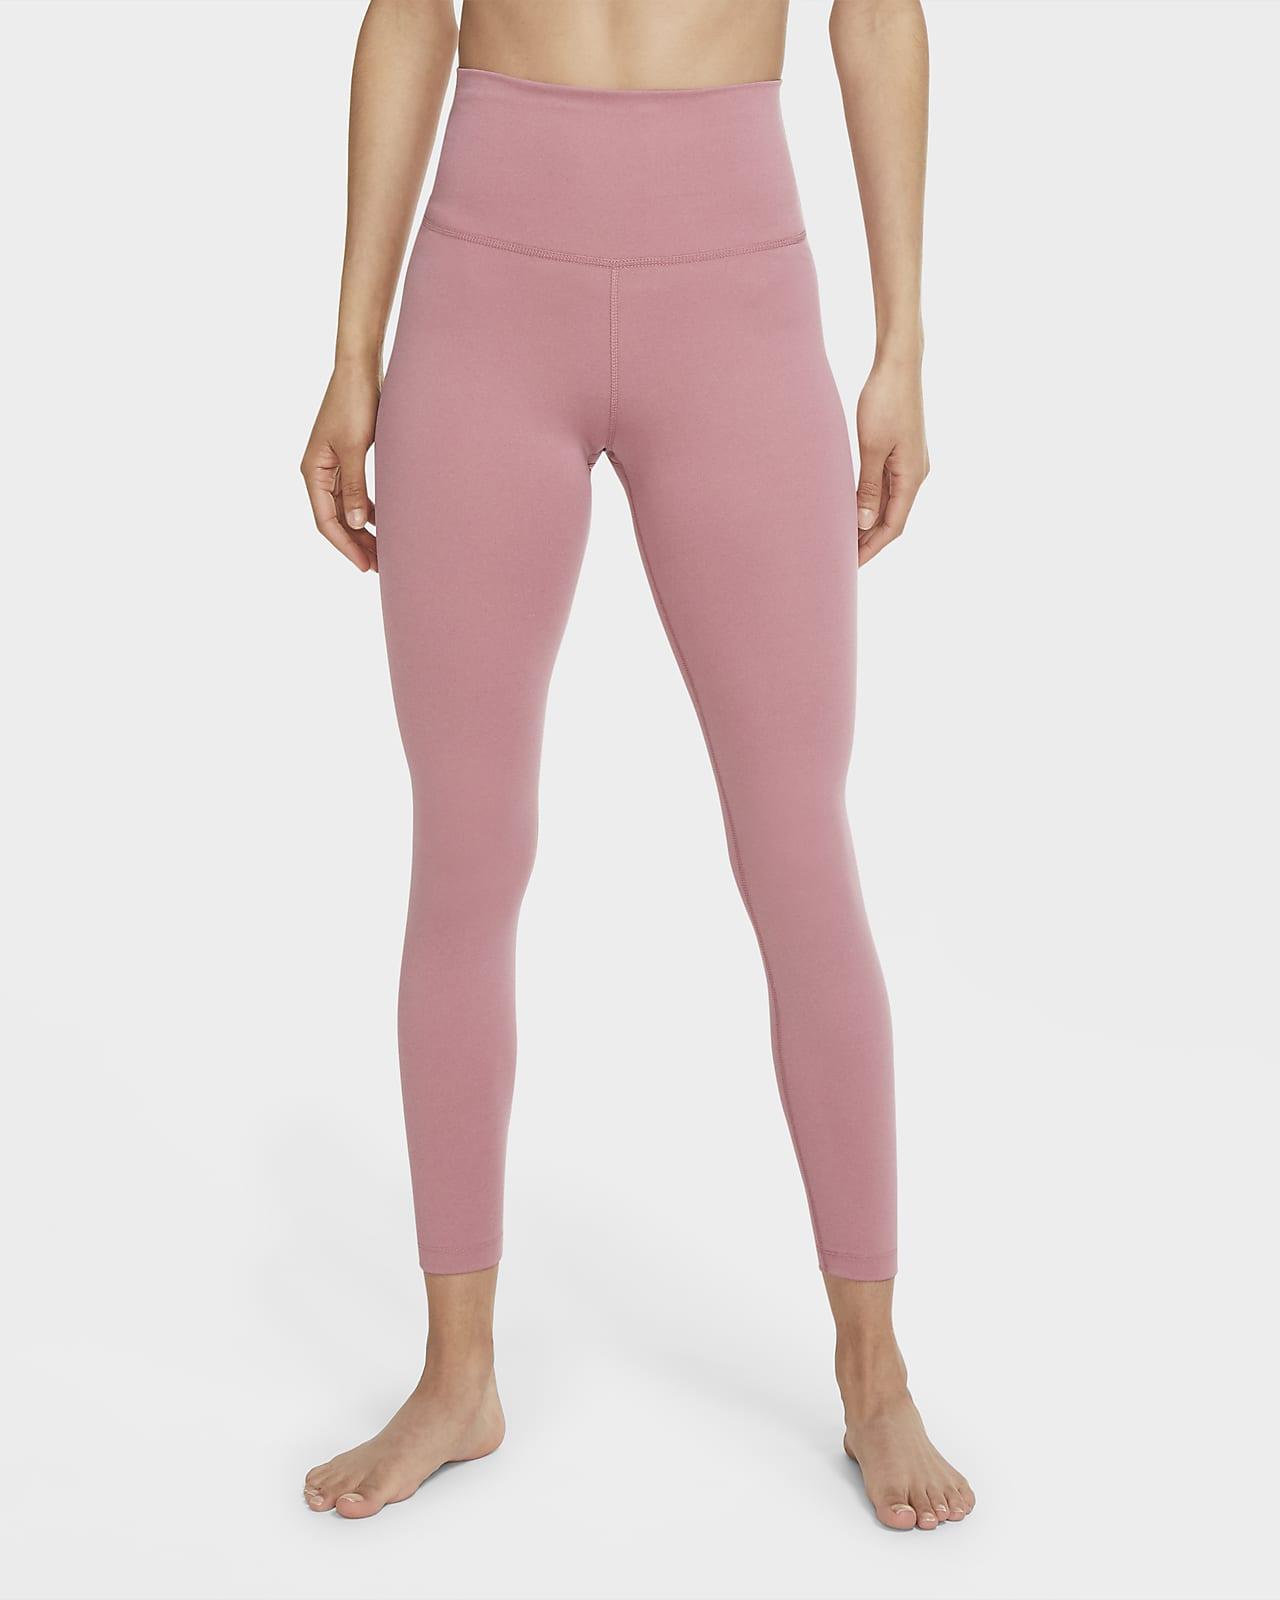 Nike Yoga tights i 7/8-lengde til dame